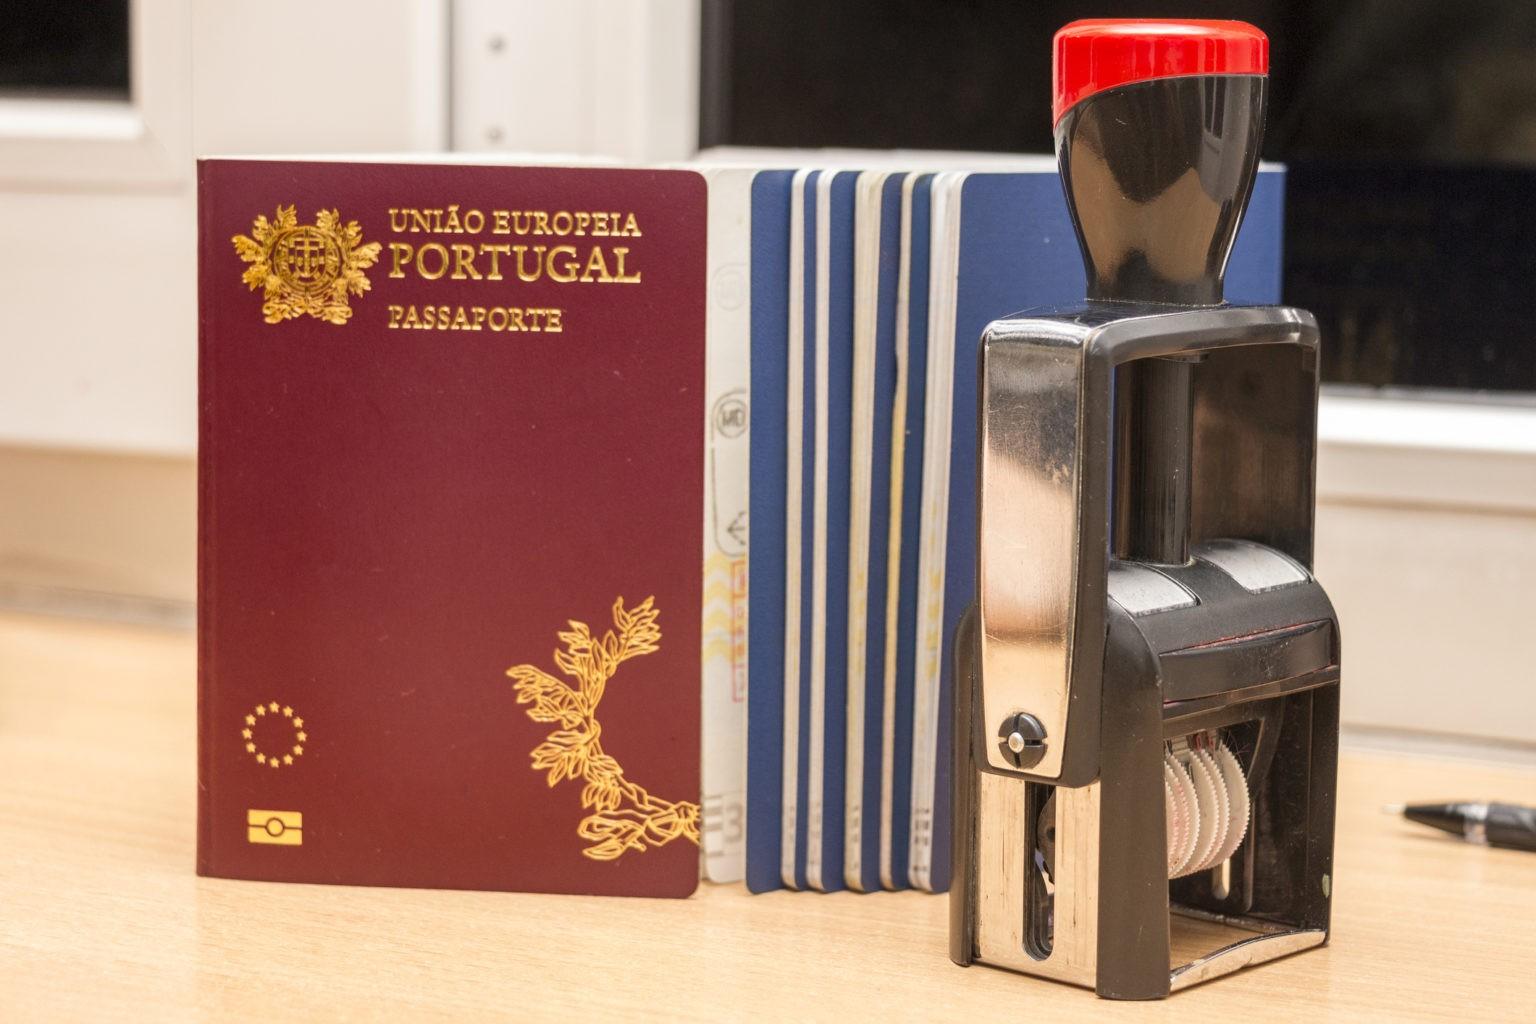 הוצאת דרכון פורטוגלי - עו